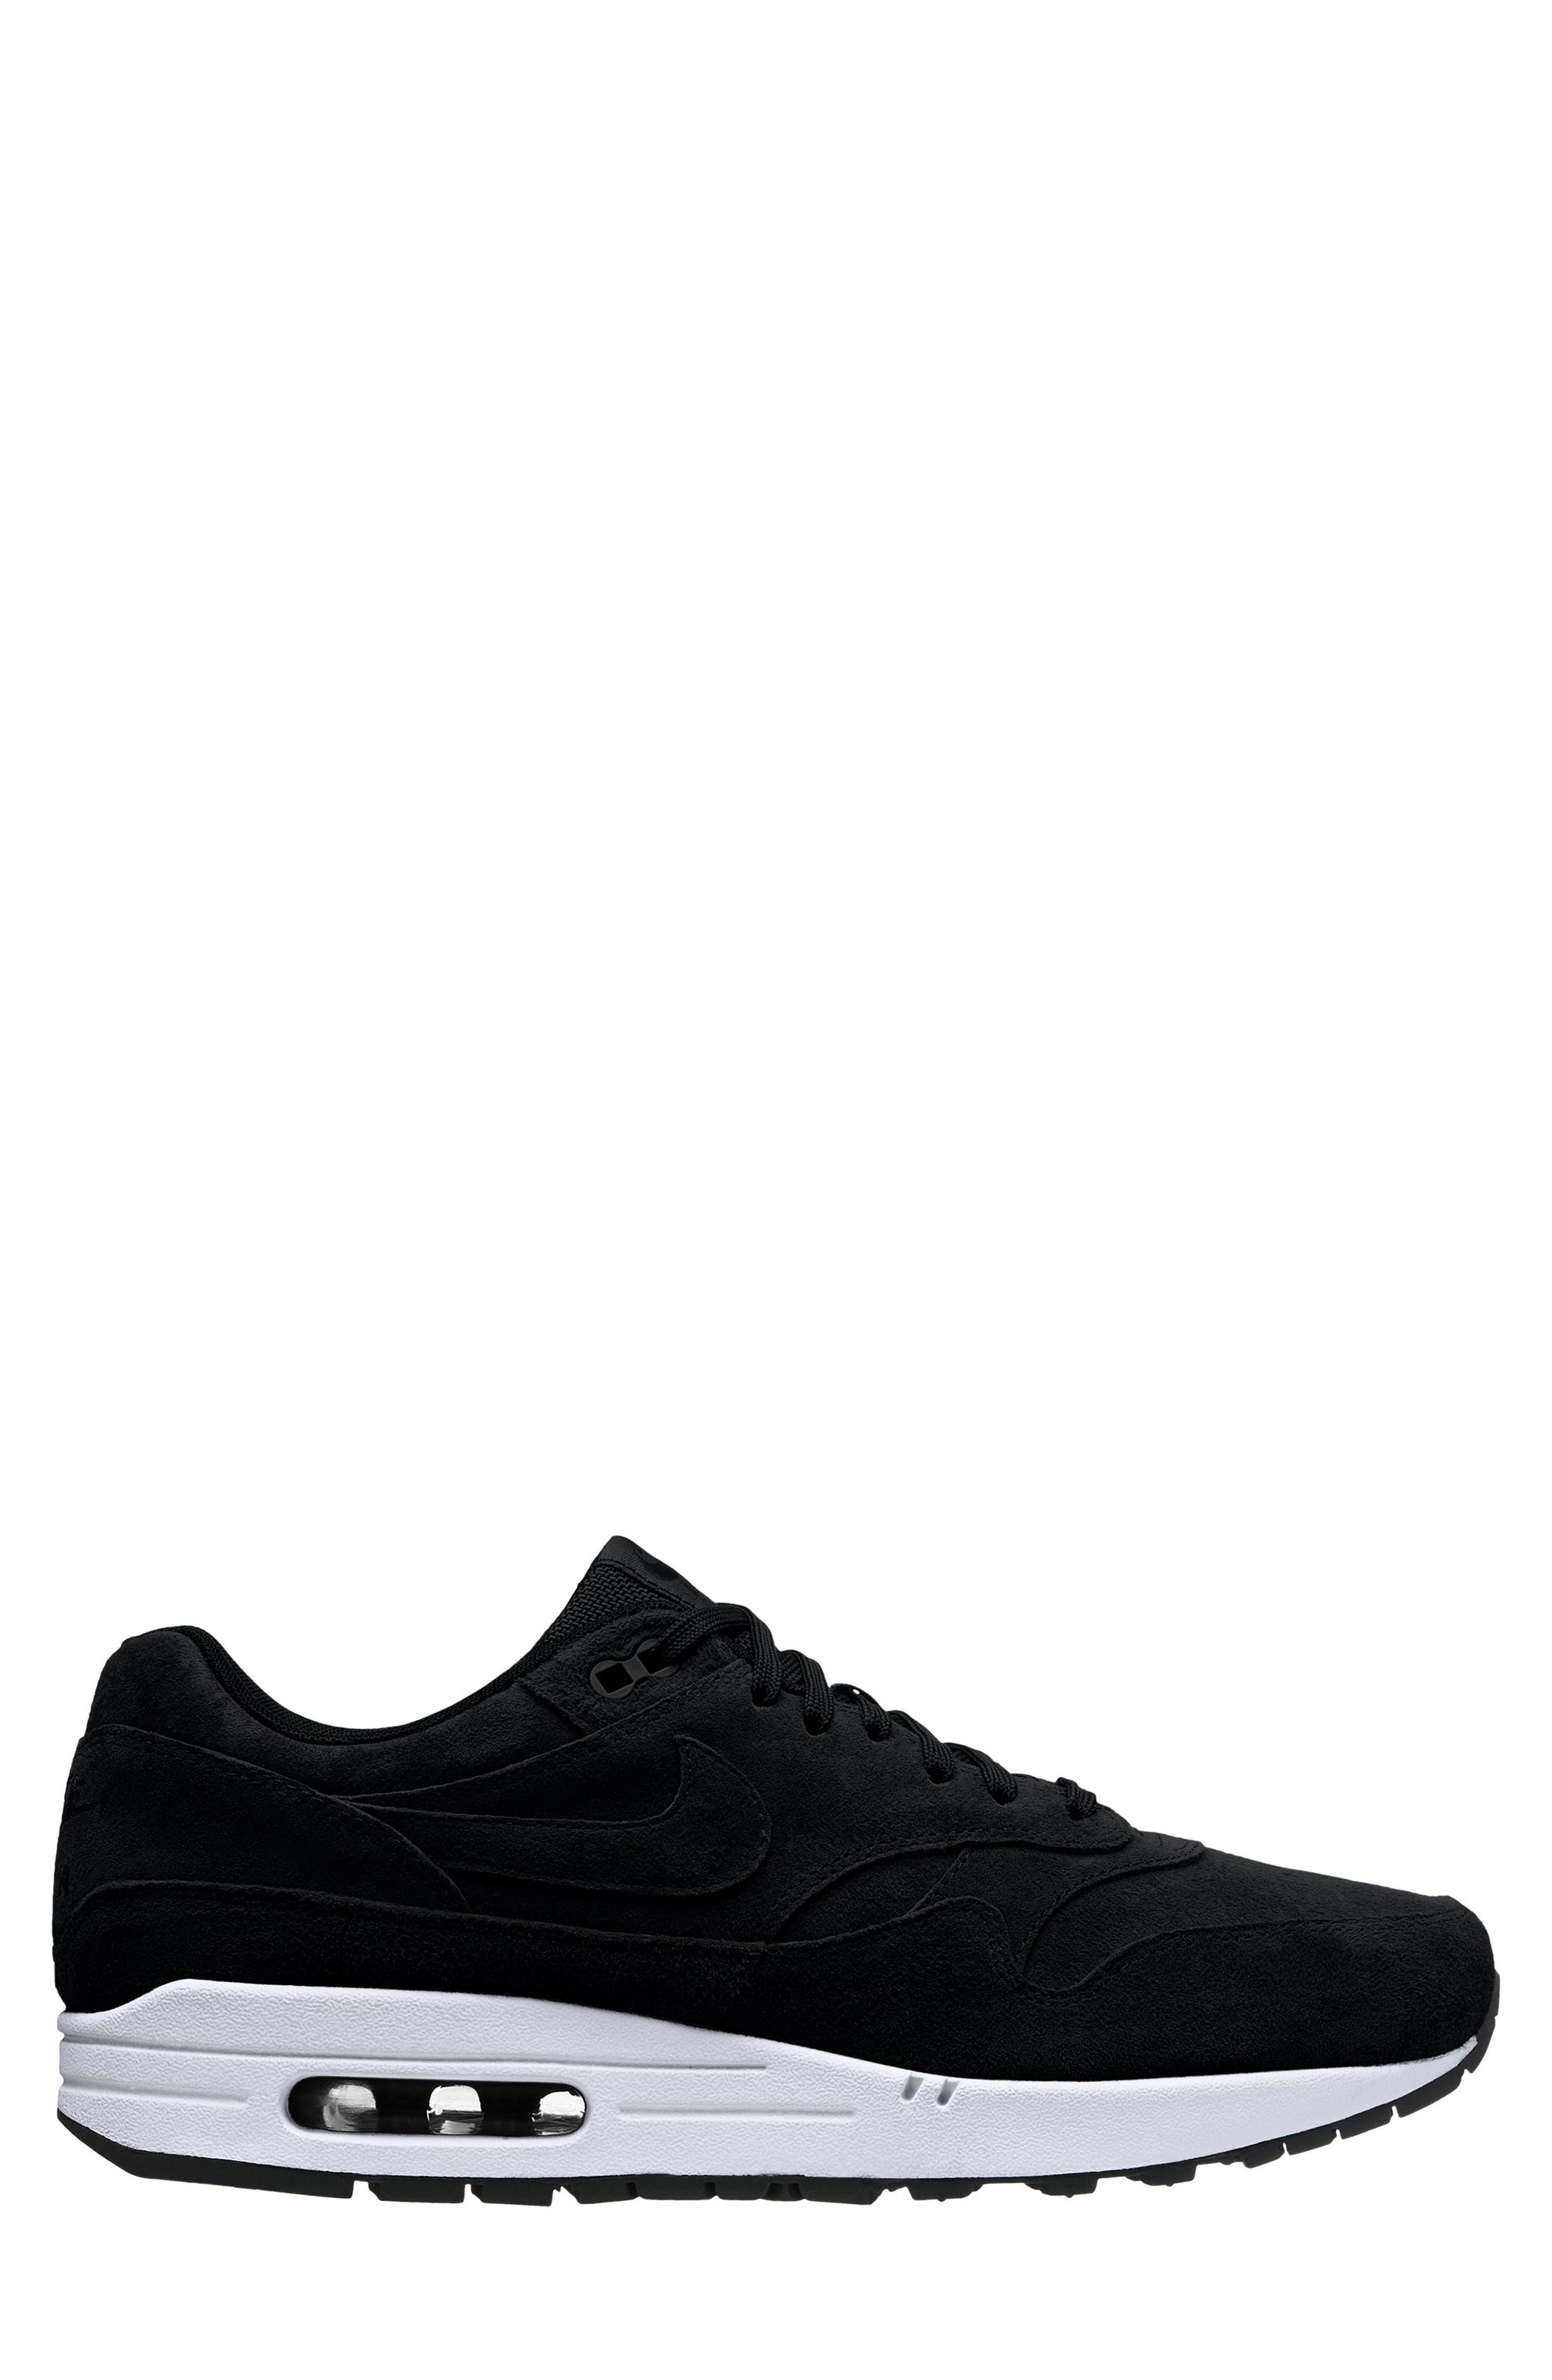 NIKE Air Max 1 SE Sneaker, Main, color, 005